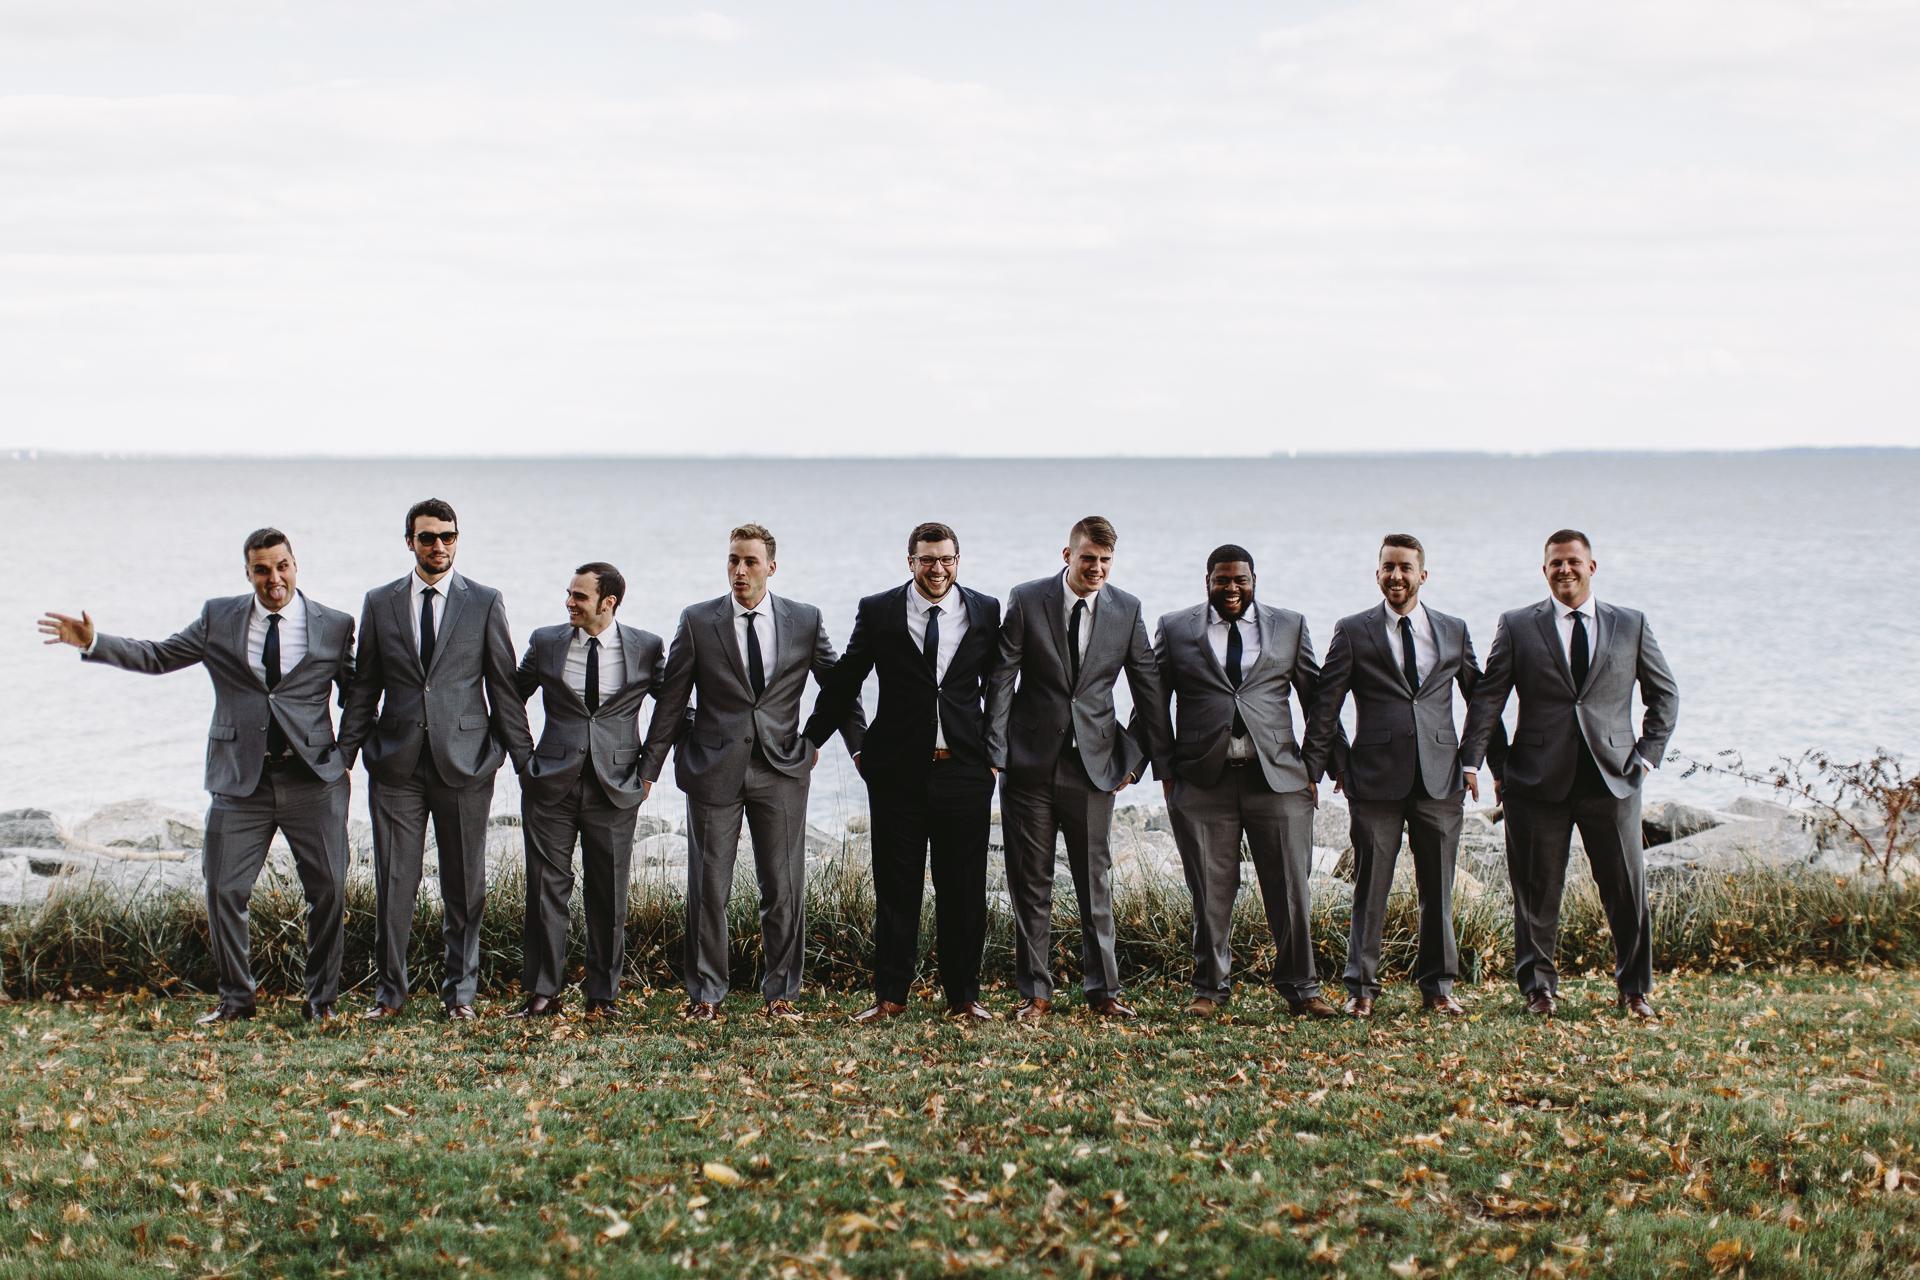 jess-hunter-tilghman-island-wedding-photographer-7412.jpg